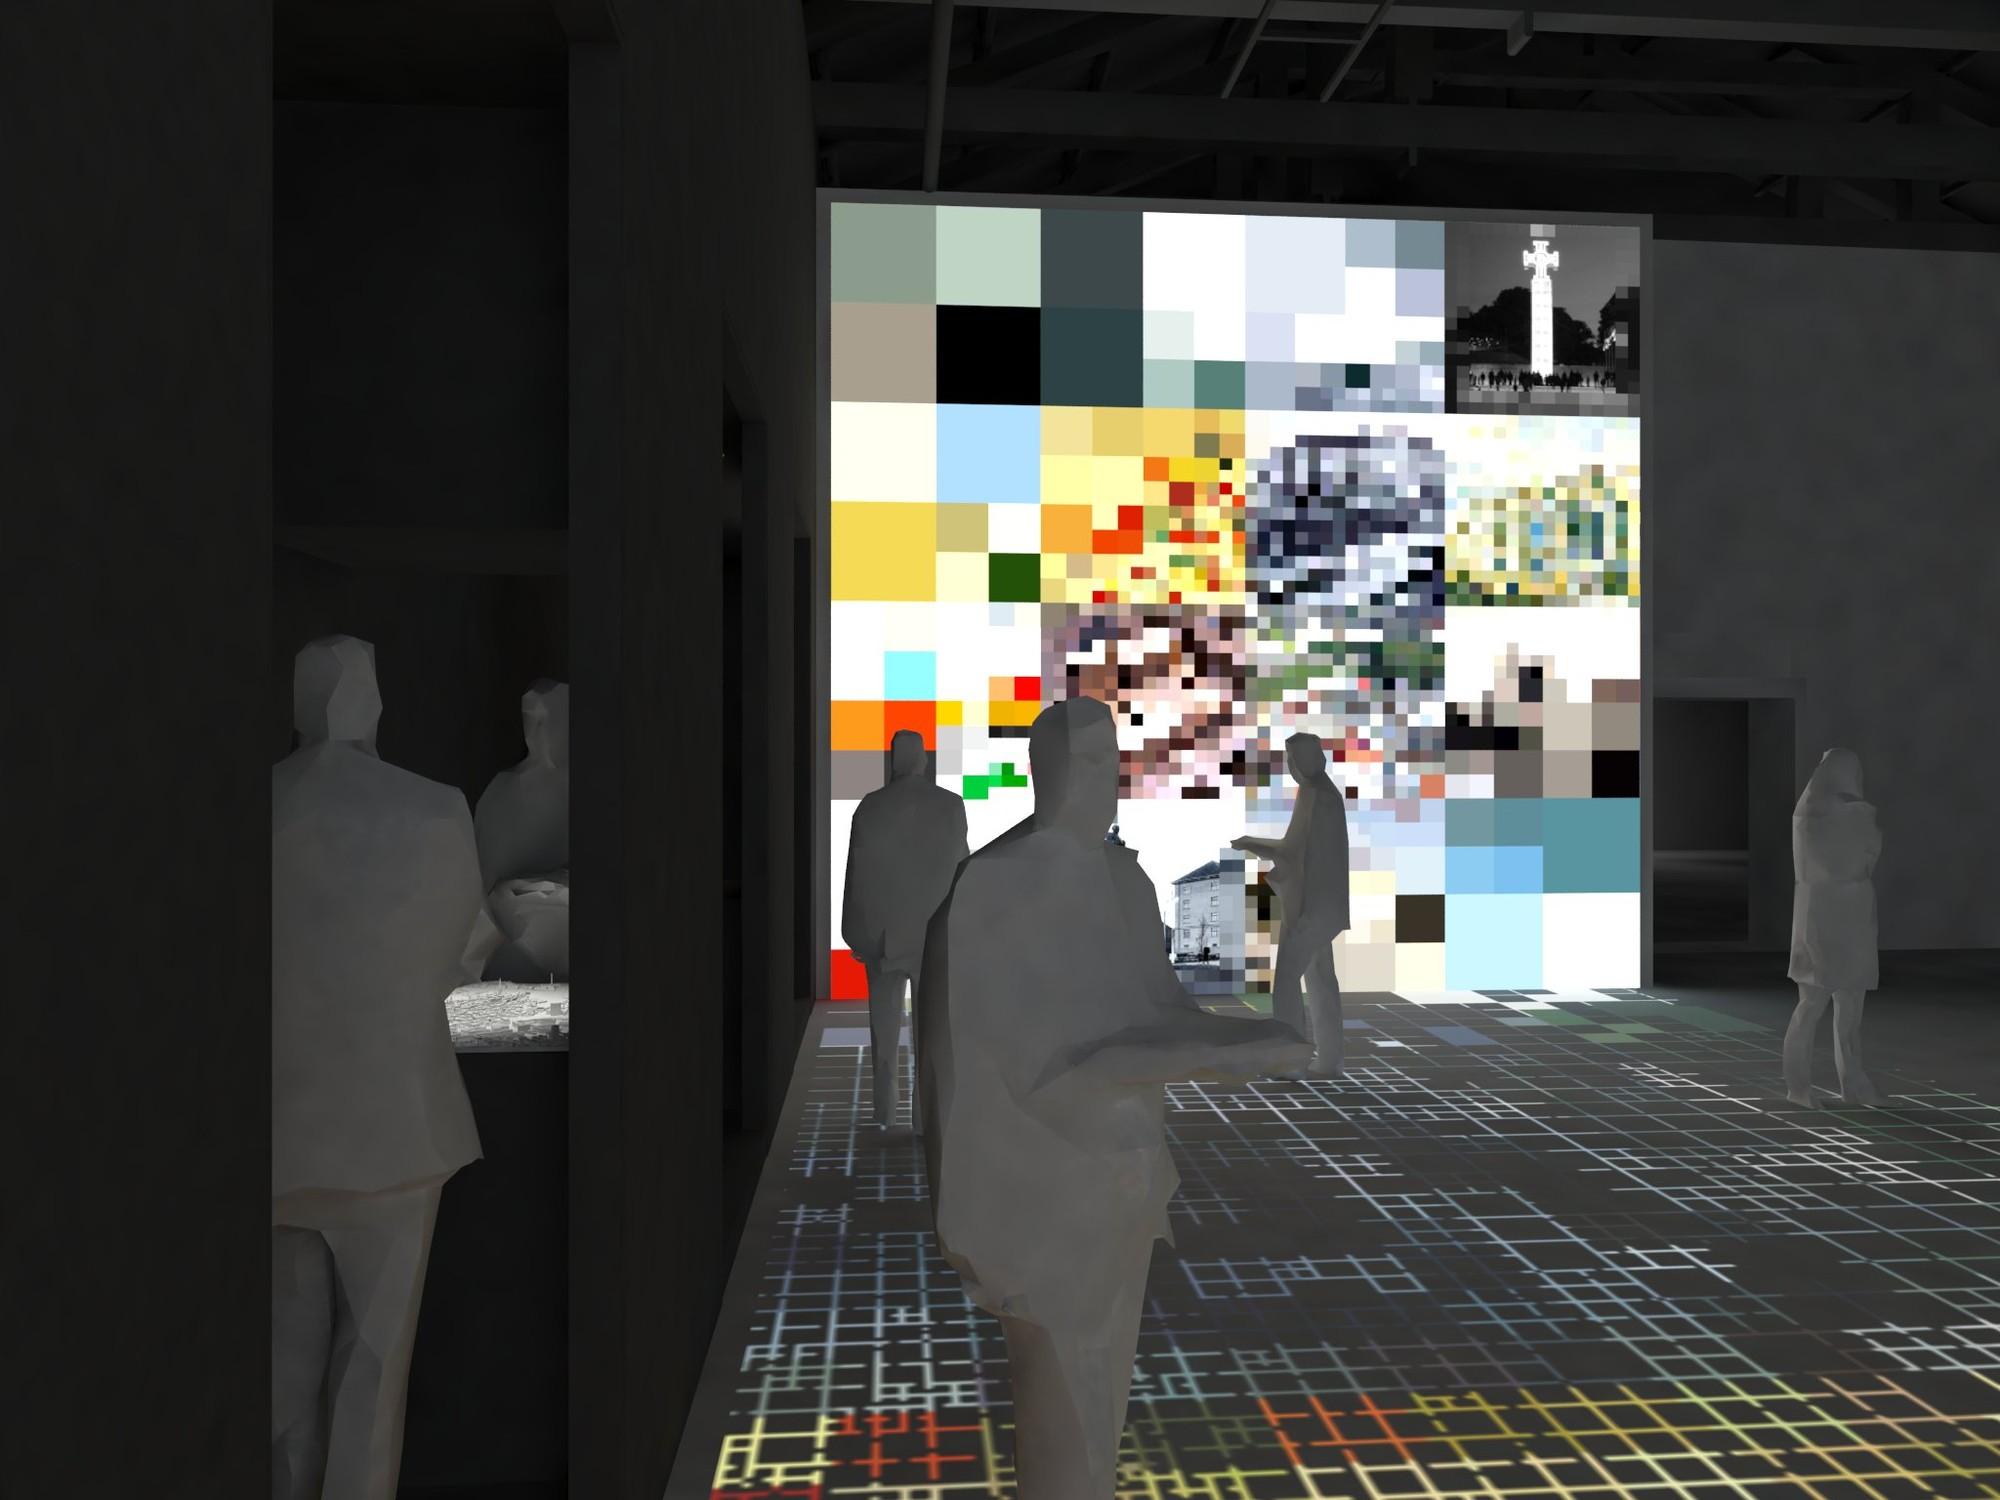 """Bienal de Veneza 2014: Estônia apresenta a exposição """"Interspace"""", Vista interna do pavilhão. Imagem © Siim Tuksam"""